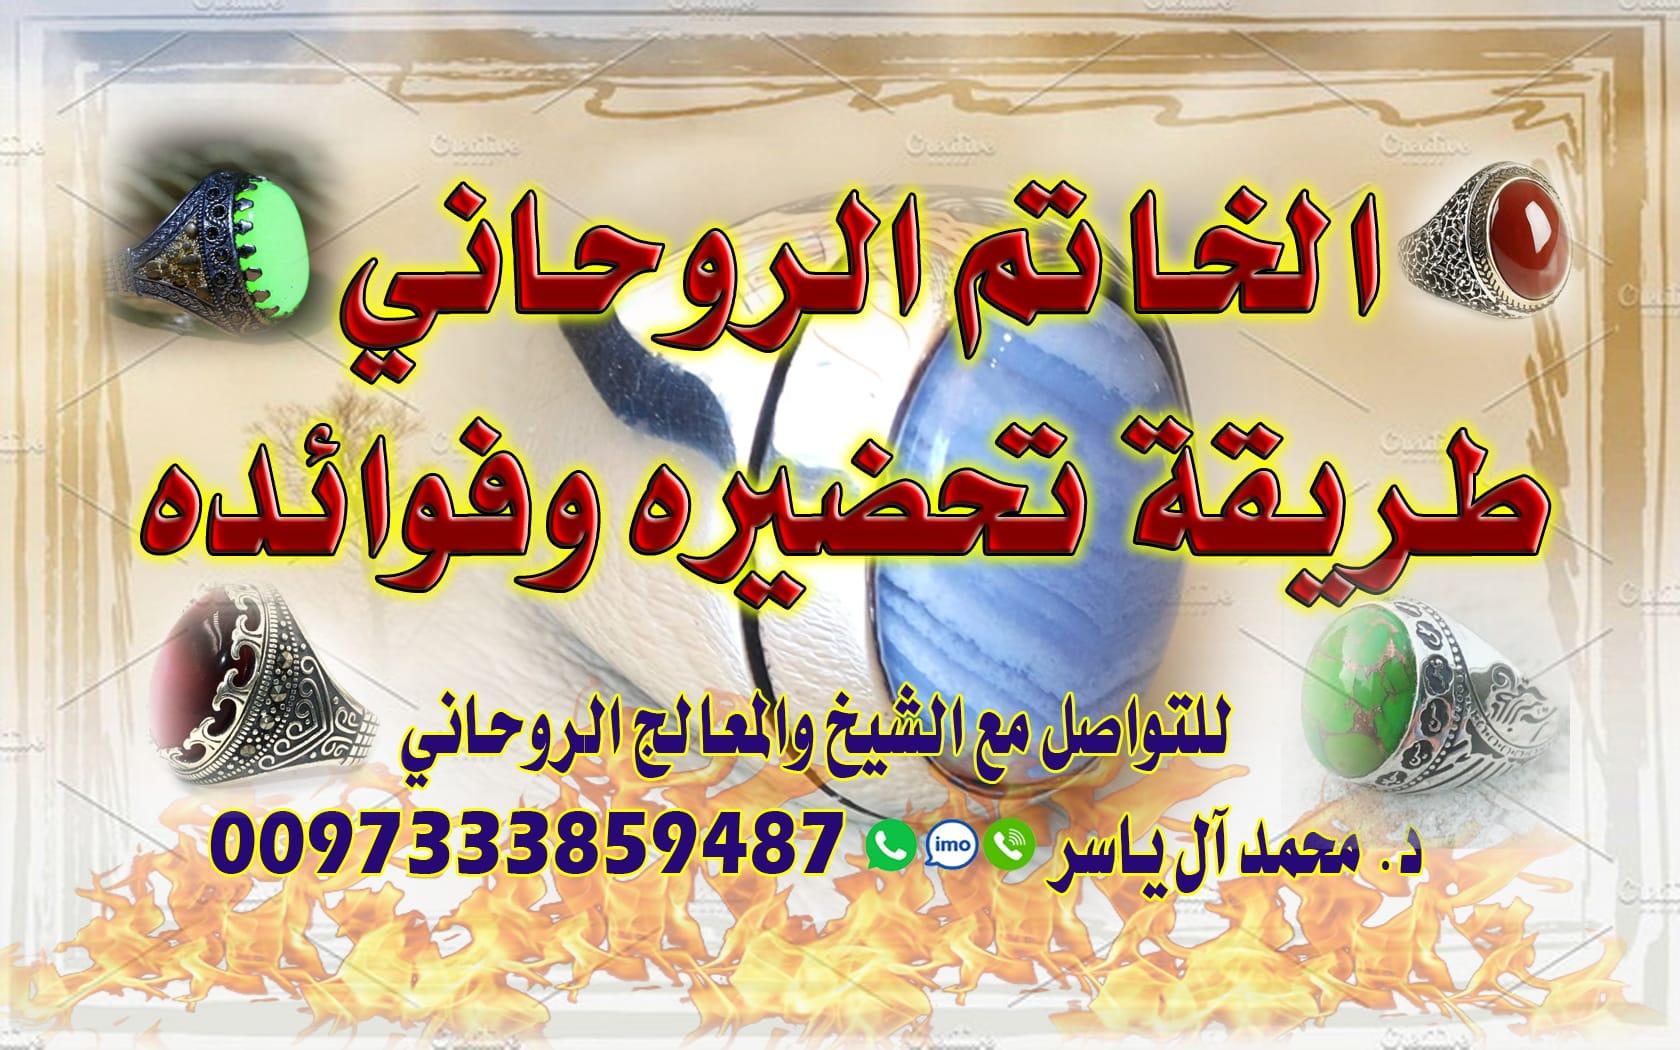 الشيخ الروحاني محمد آل ياسر | البحرين ـ هاتف : 0097333859487